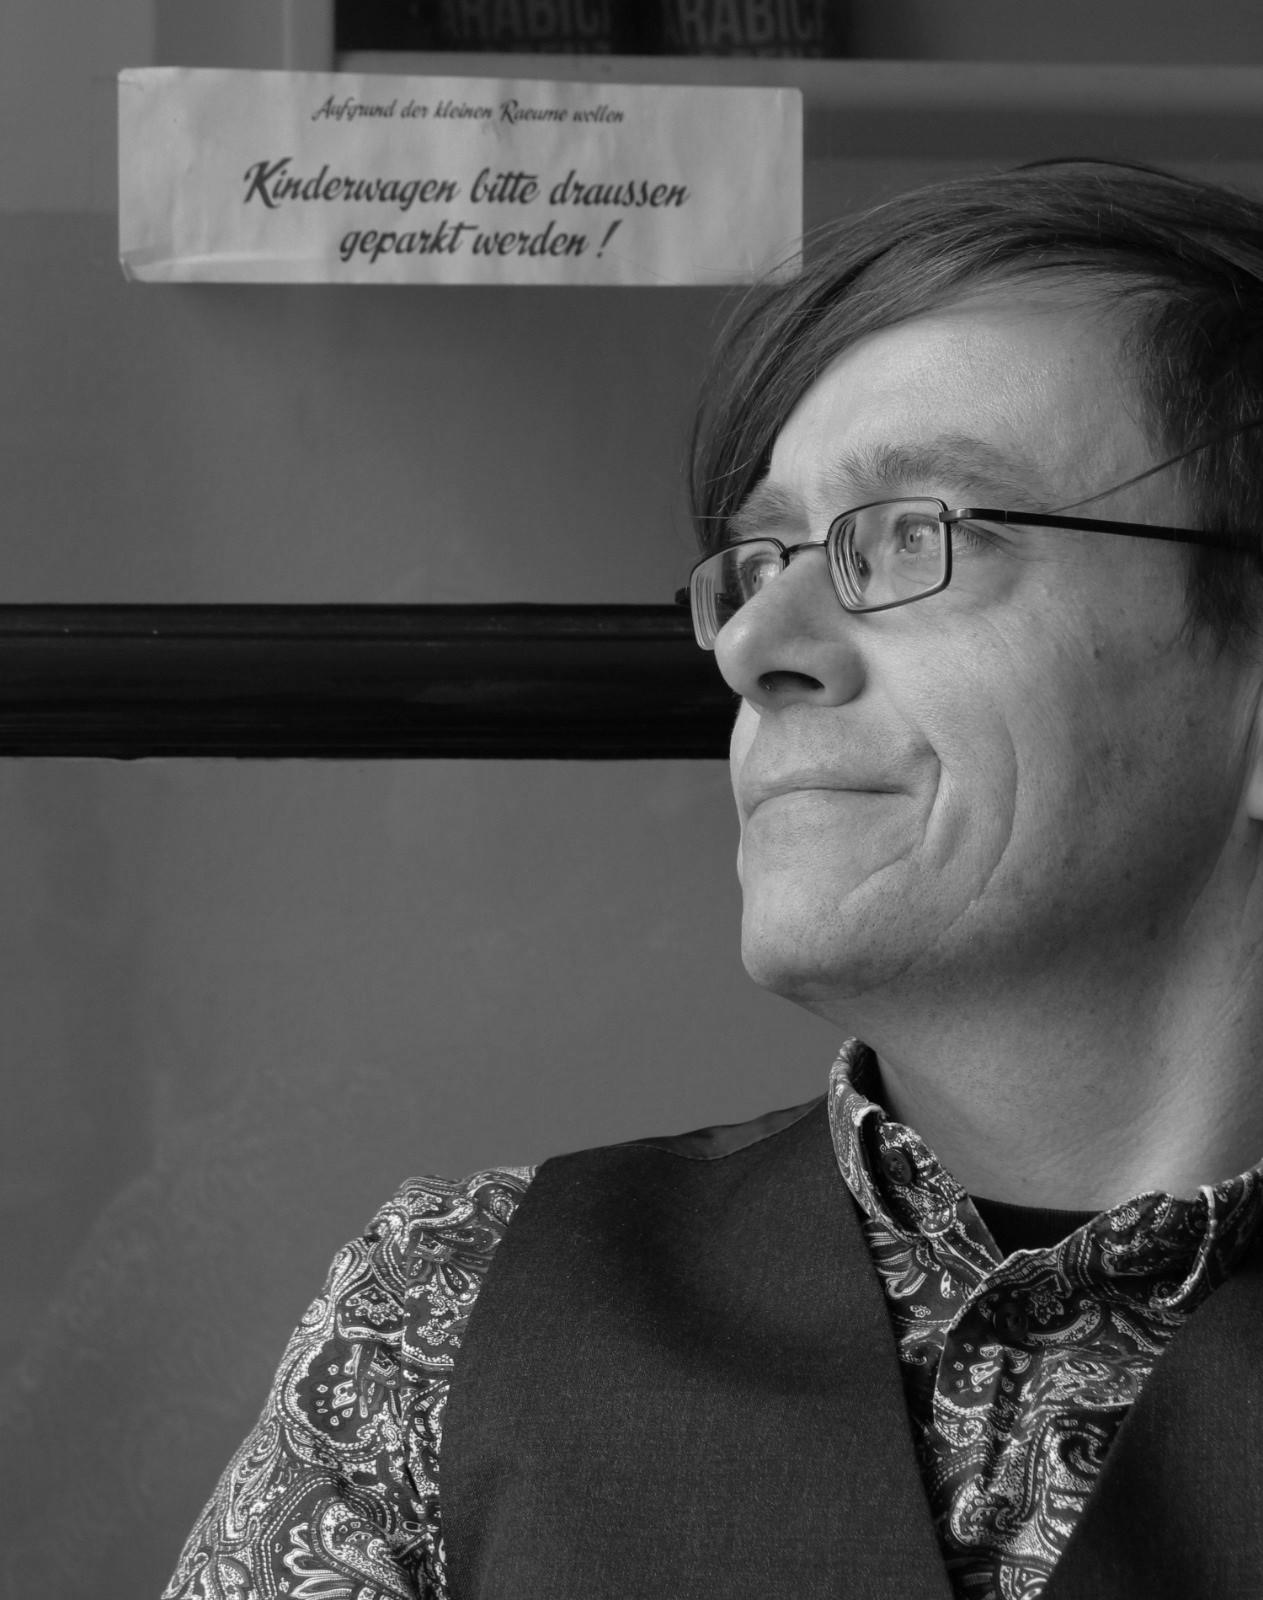 Stefan Schwarck (geb. 1967) liest seit 2010 regelmäßig bei Vernissagen, Lesungen, Poetry Slams und Spokenword-Veranstaltungen im In- und Ausland. Er lebt und arbeitet als Autor, Künstler und Kulturveranstalter in Kiel.